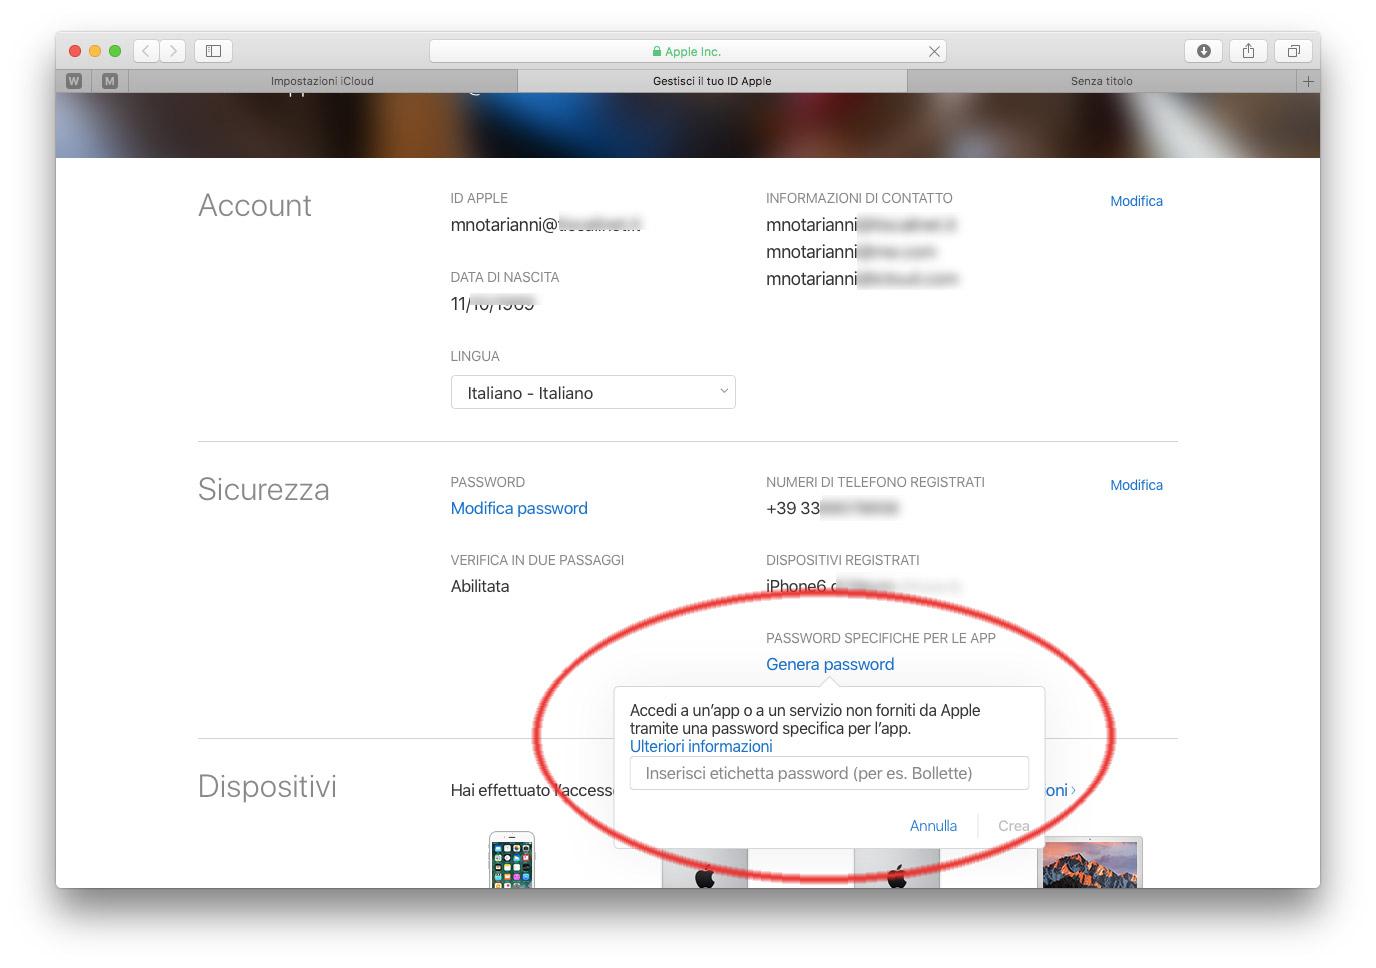 Le password specifiche per le app garantiscono che la password del proprio ID Apple principale non venga raccolta o memorizzata da eventuali app di terze parti.